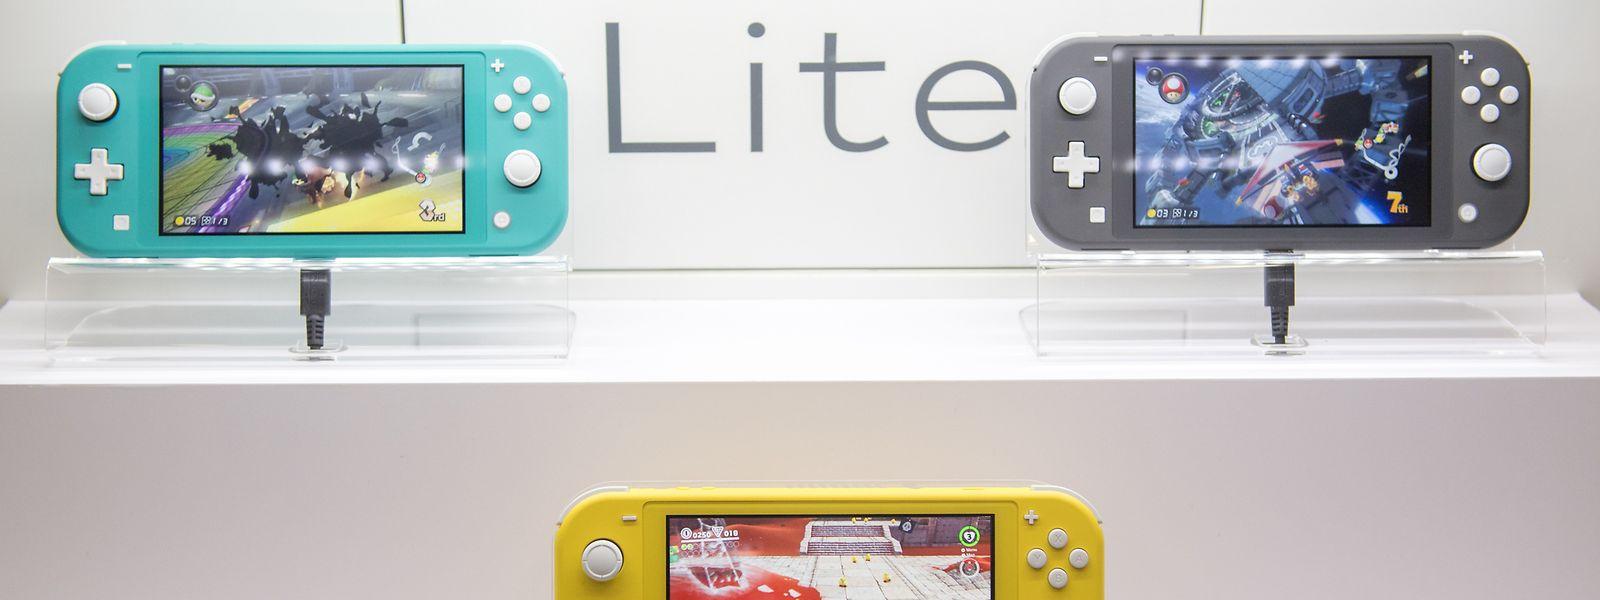 Nintendos Switch Lite kommt in den Farben Türkis, Grau und Gelb in den Handel.